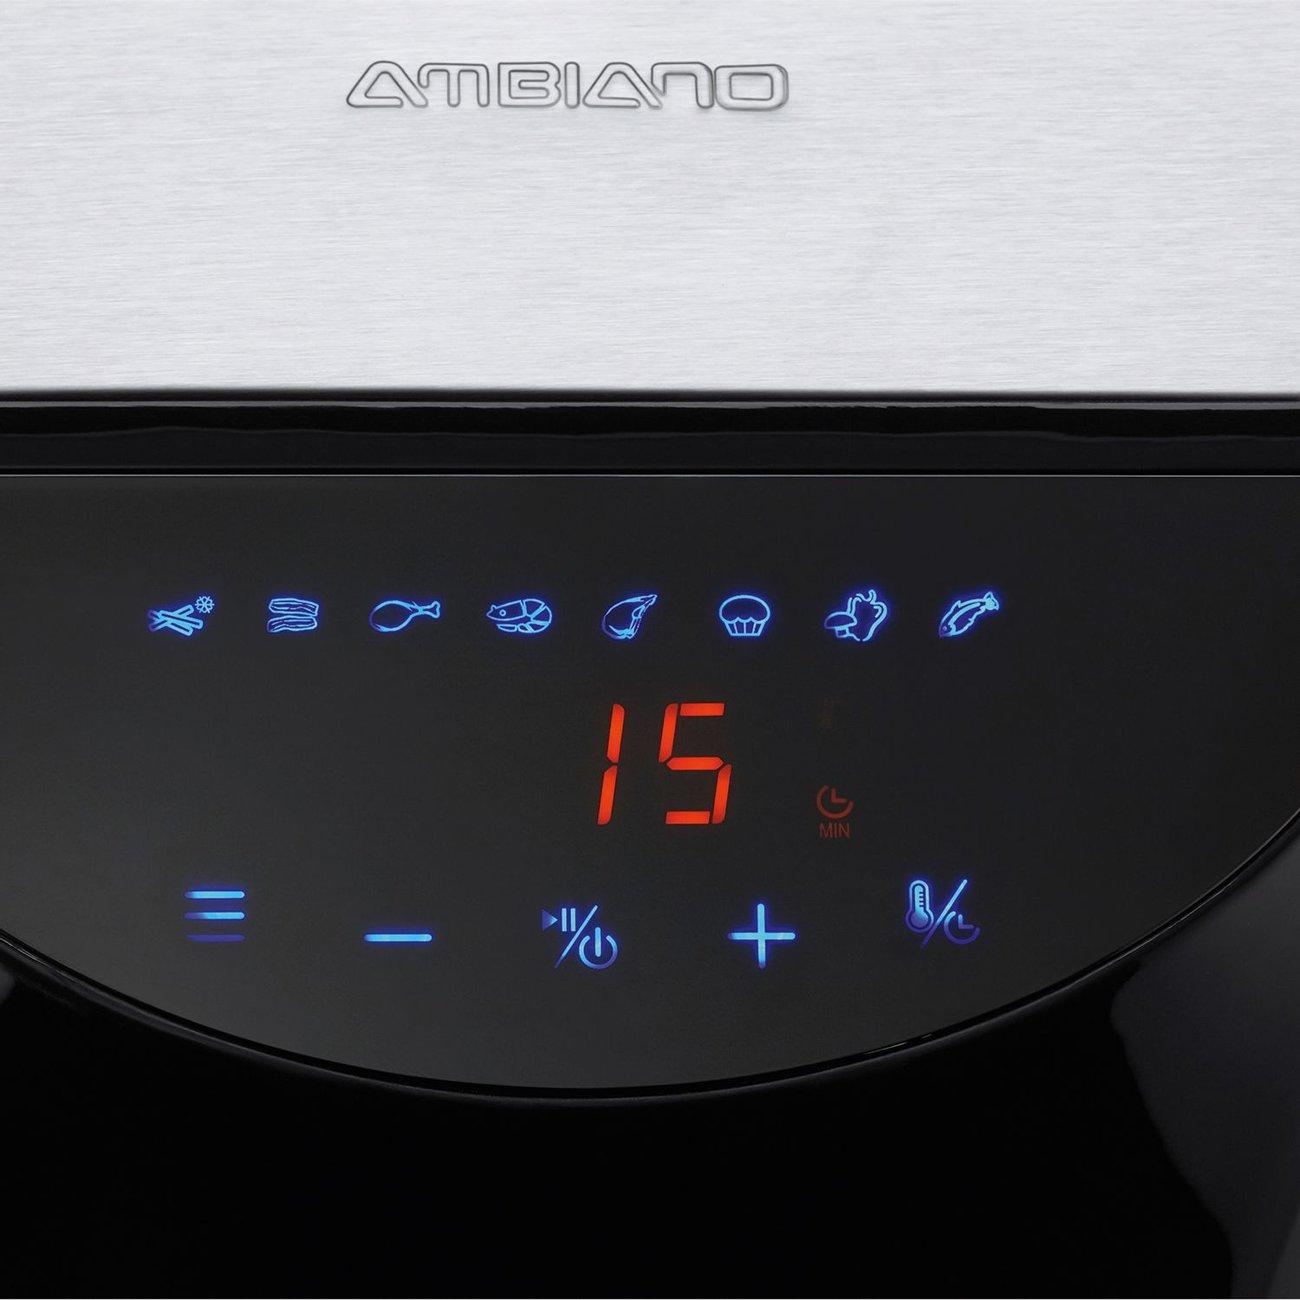 Фритюрник с горещ въздух Ambiano 91182 Air Fryer 3.3L здравословно готвене с малко мазнина